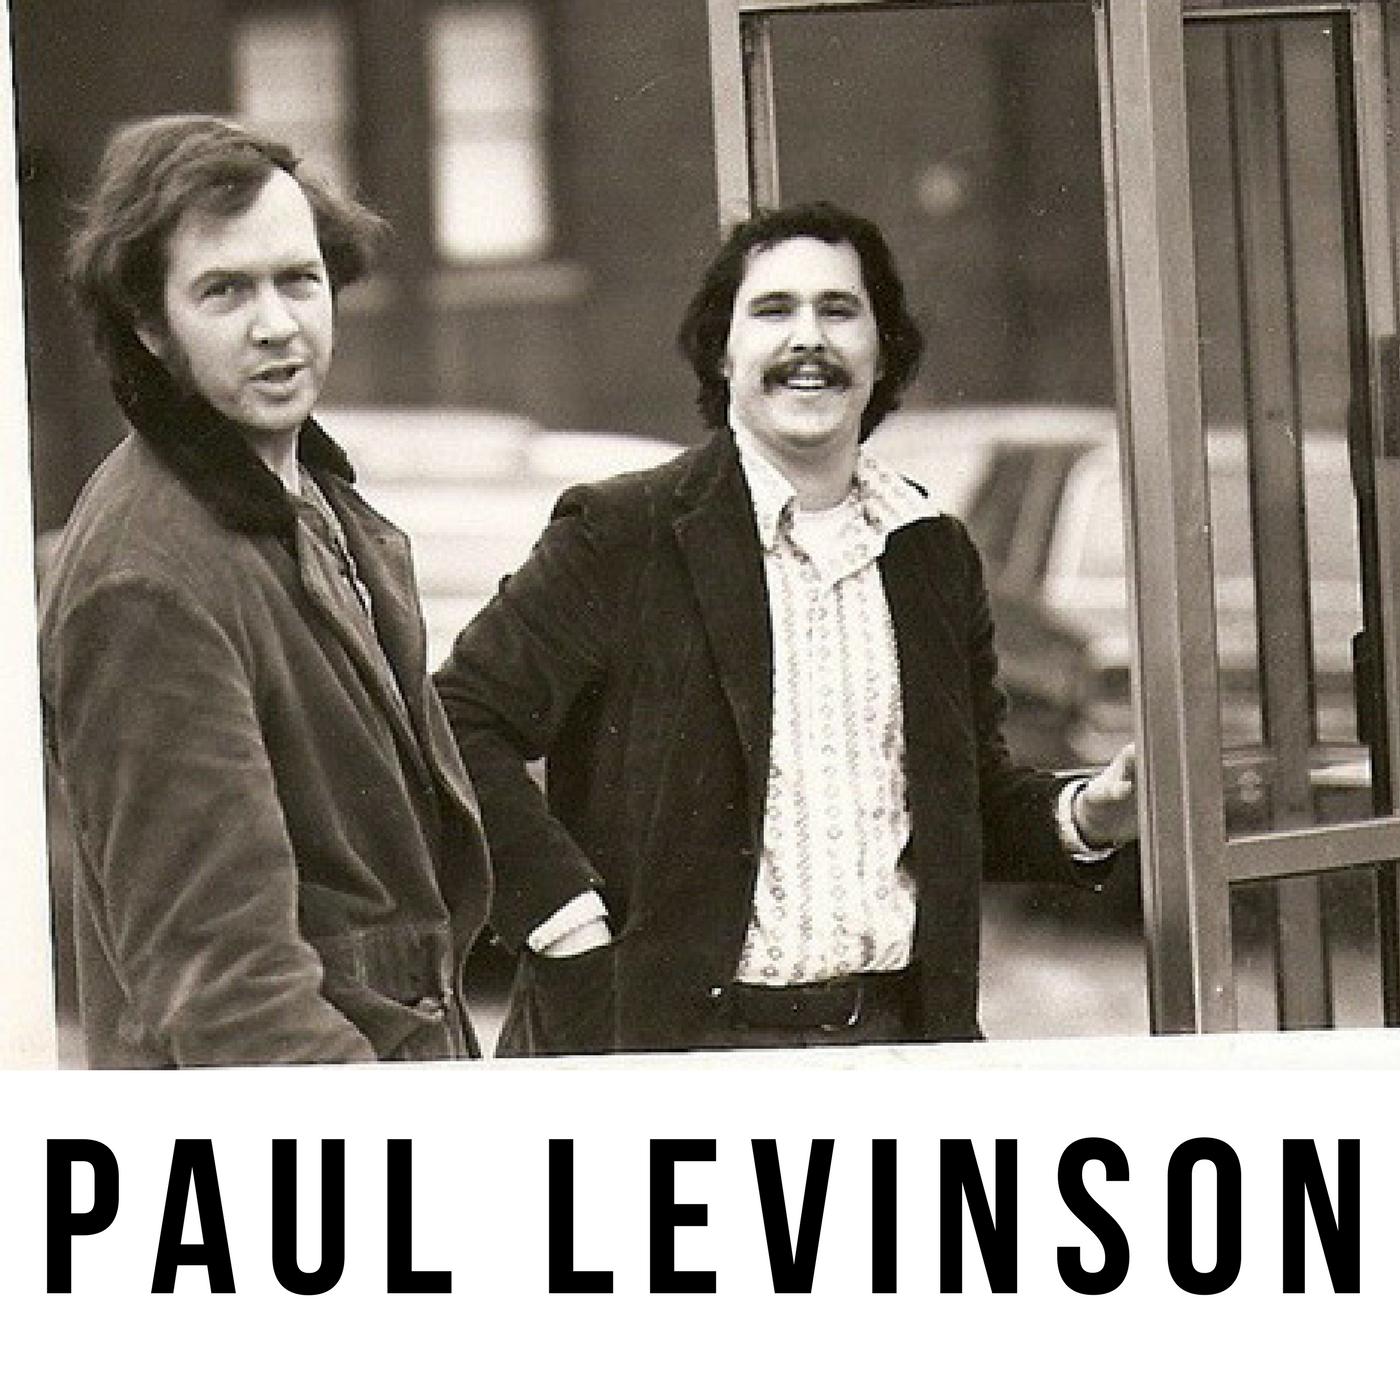 Paul Levinson Music.png